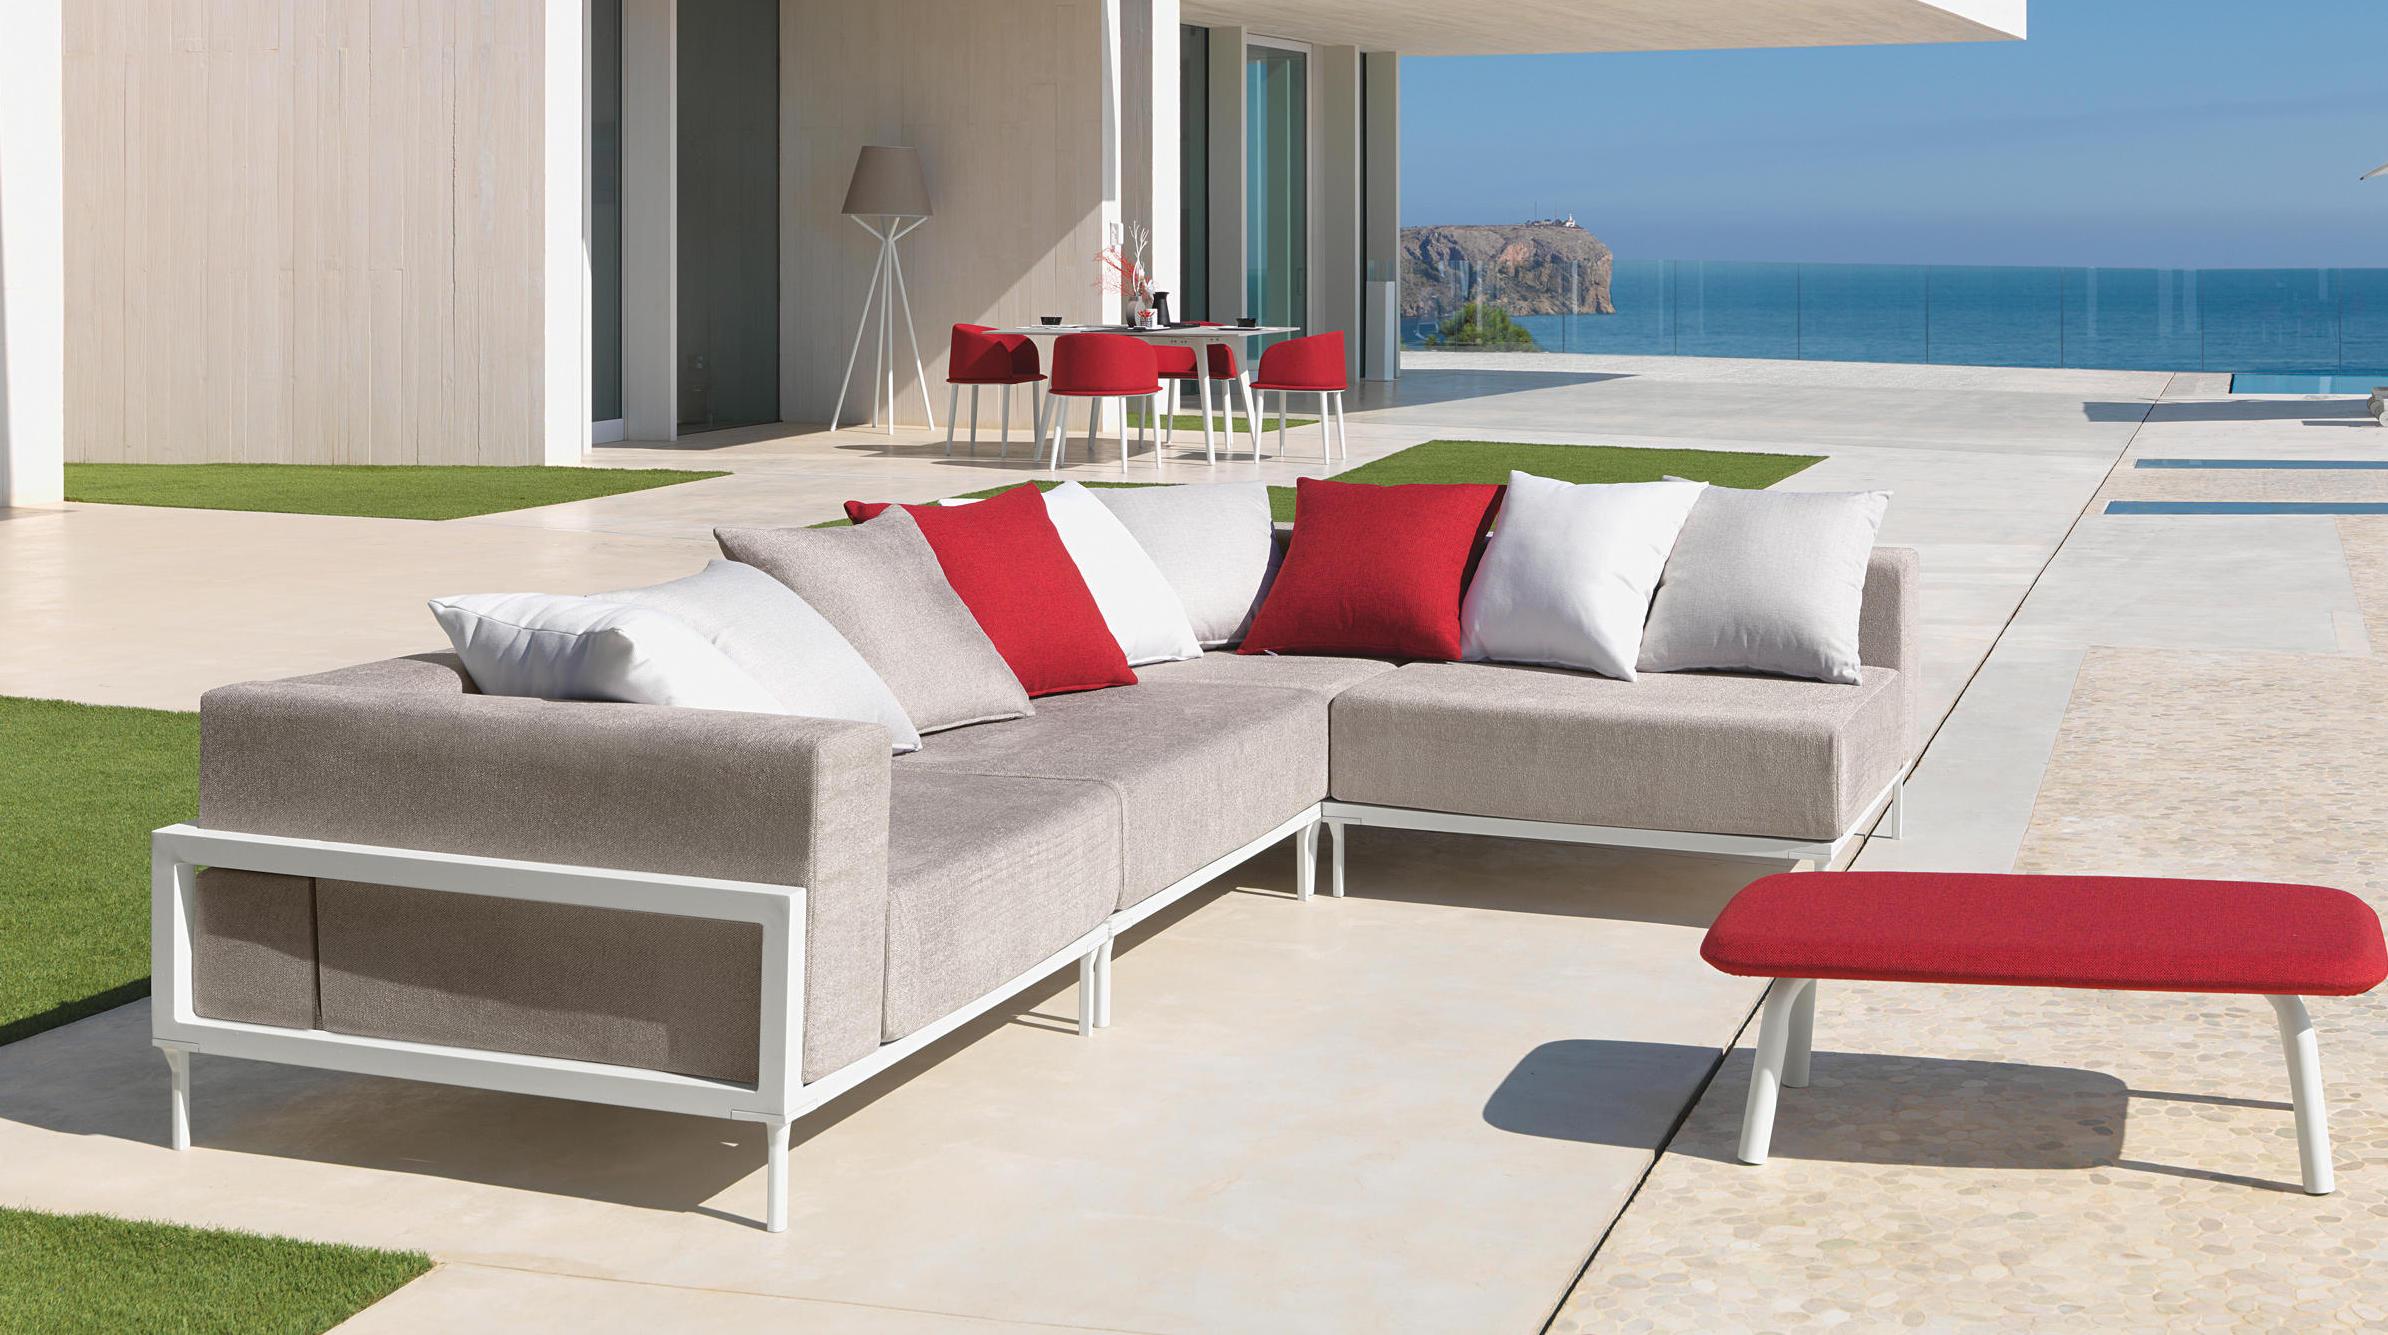 Apropos Modern Modular Aluminum Sofa Mod - Couture Outdoor